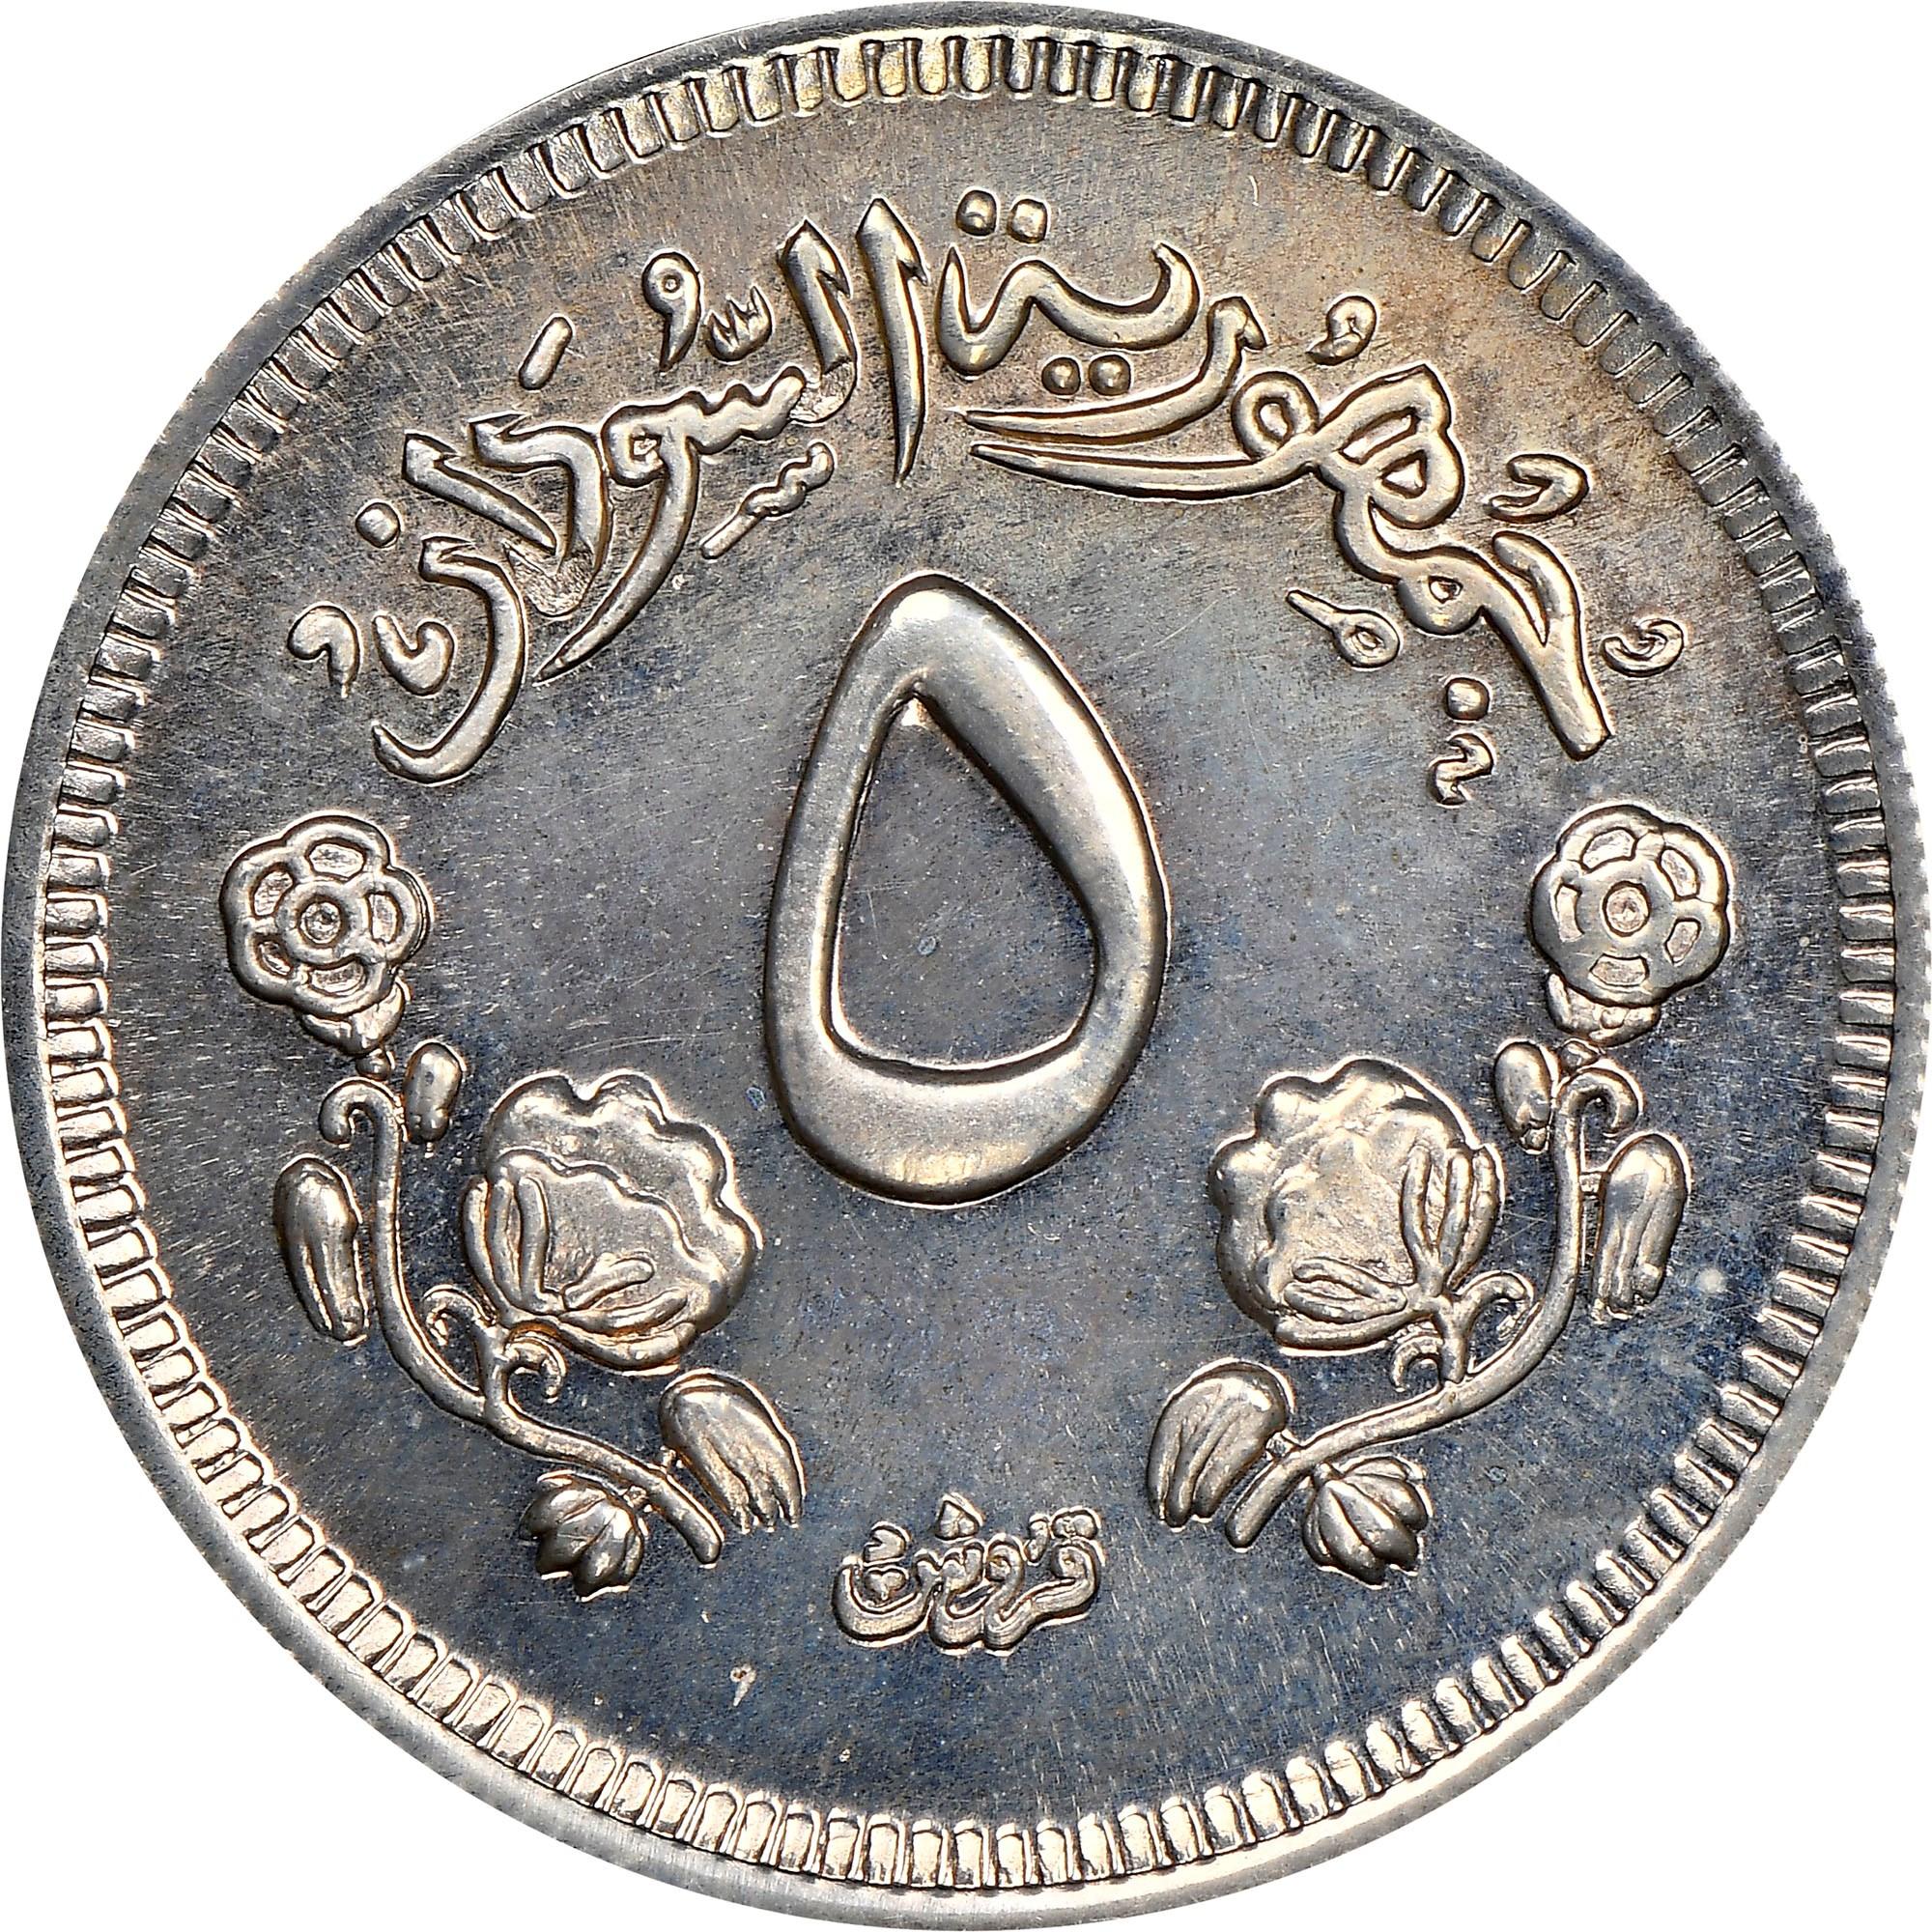 Sudan 5 Ghirsh obverse